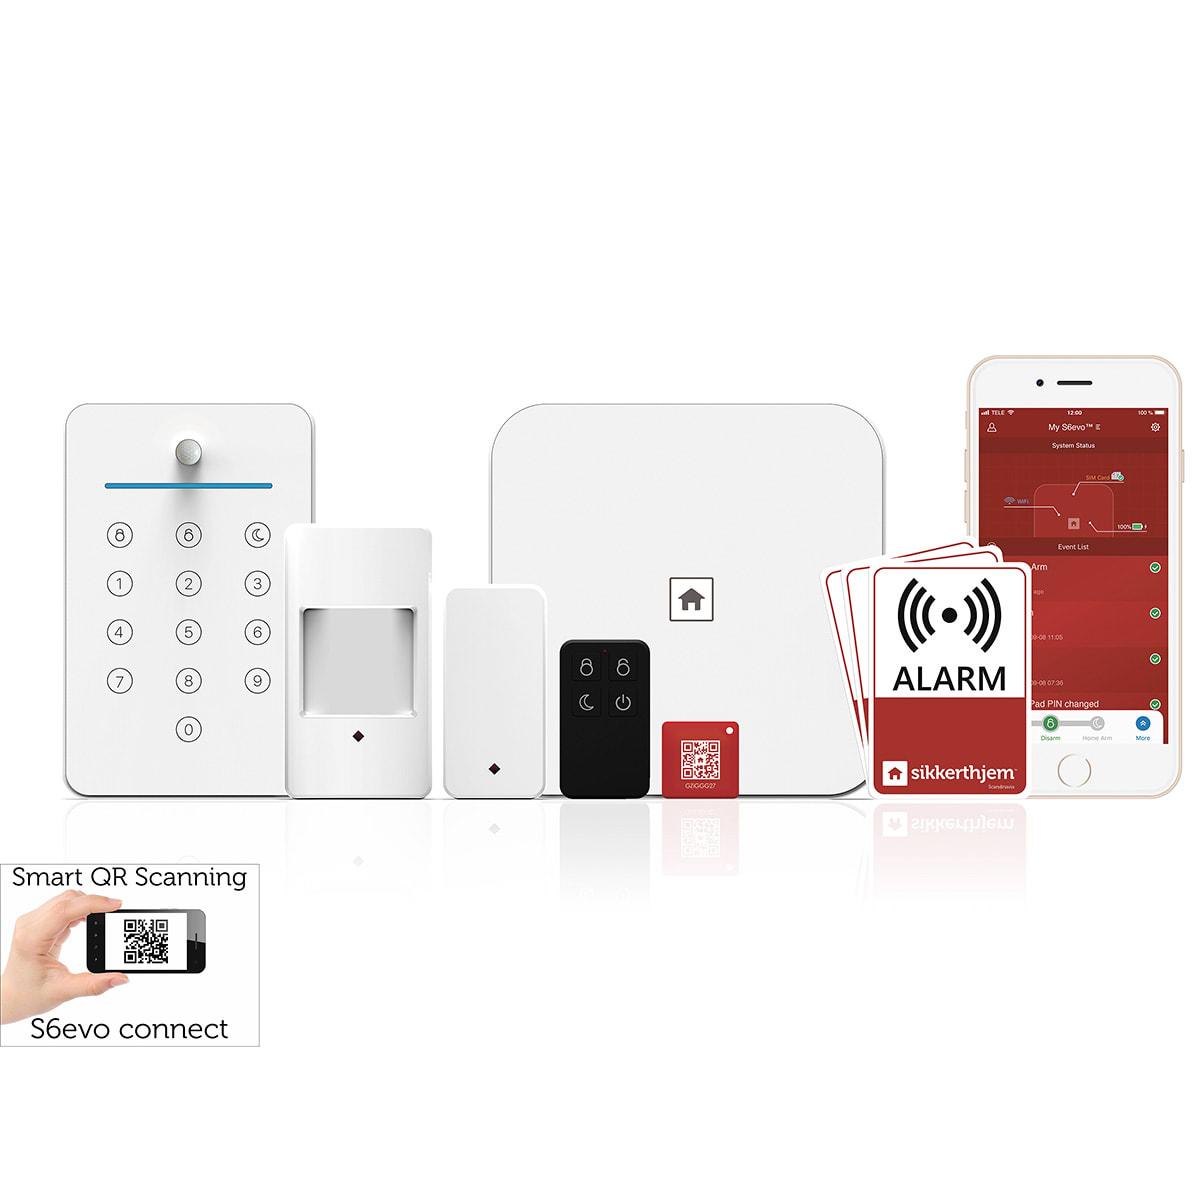 Lejlighedspakken - Inkl. alarm, sensor, nøglebrik, fjernbetjening m.m.